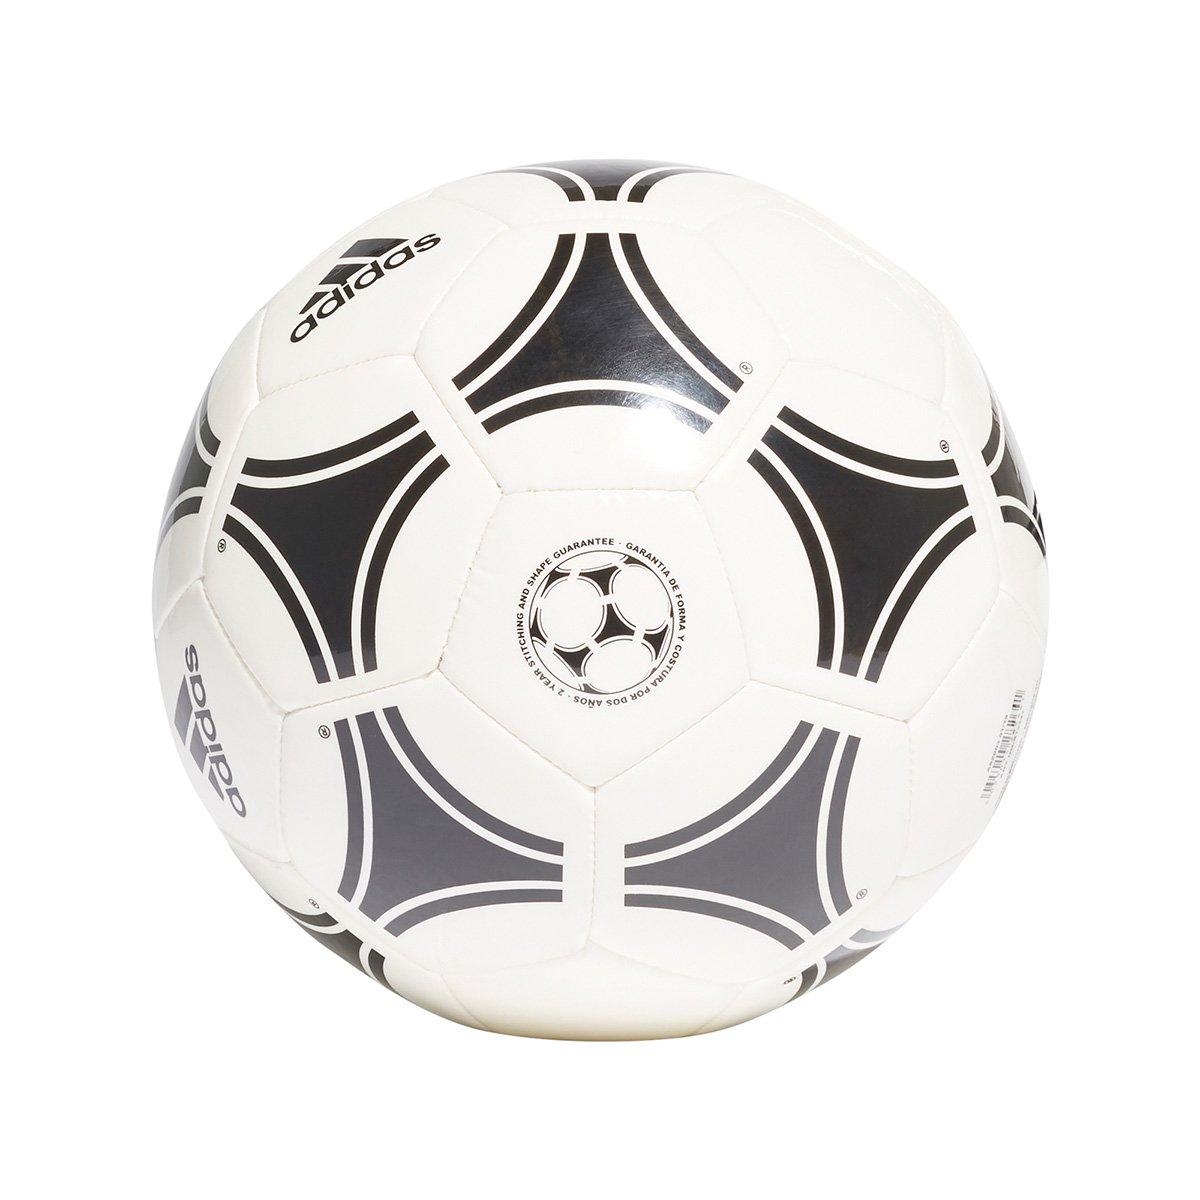 c72ffc1f49 Bola Futebol Adidas Tango Glider Campo - Branco e Preto - Compre ...